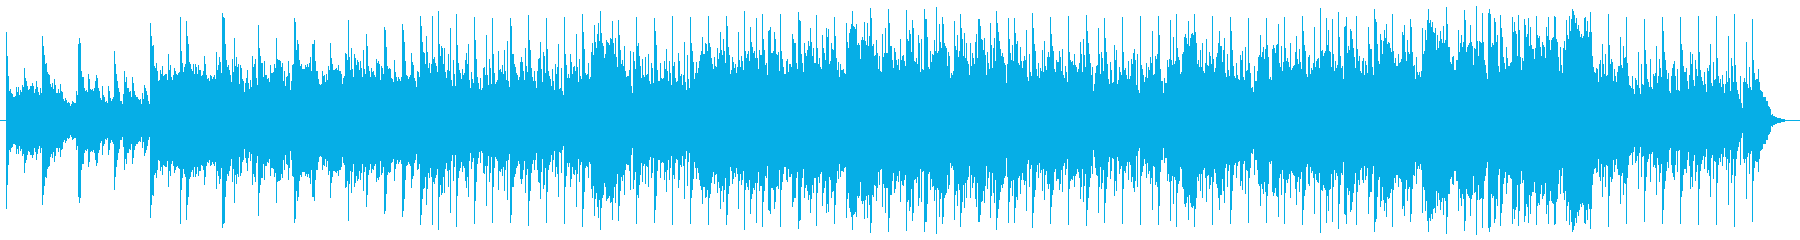 北欧の森の中をイメージしたBGMの再生済みの波形